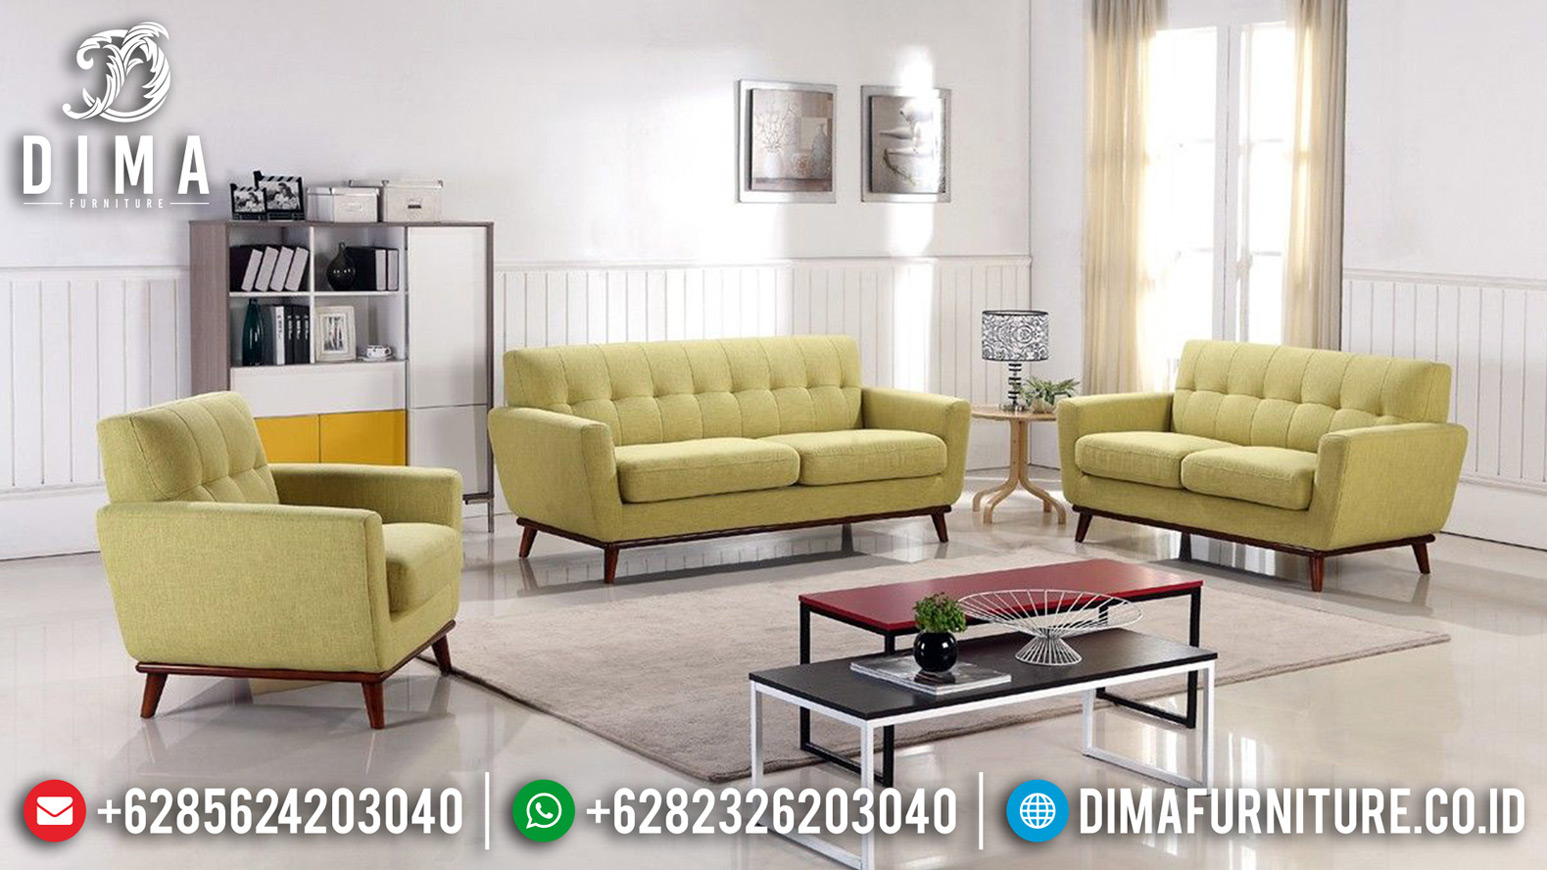 Jual Set Sofa Tamu Minimalis Desain Klasik New Classic Furniture Jepara BT-0660